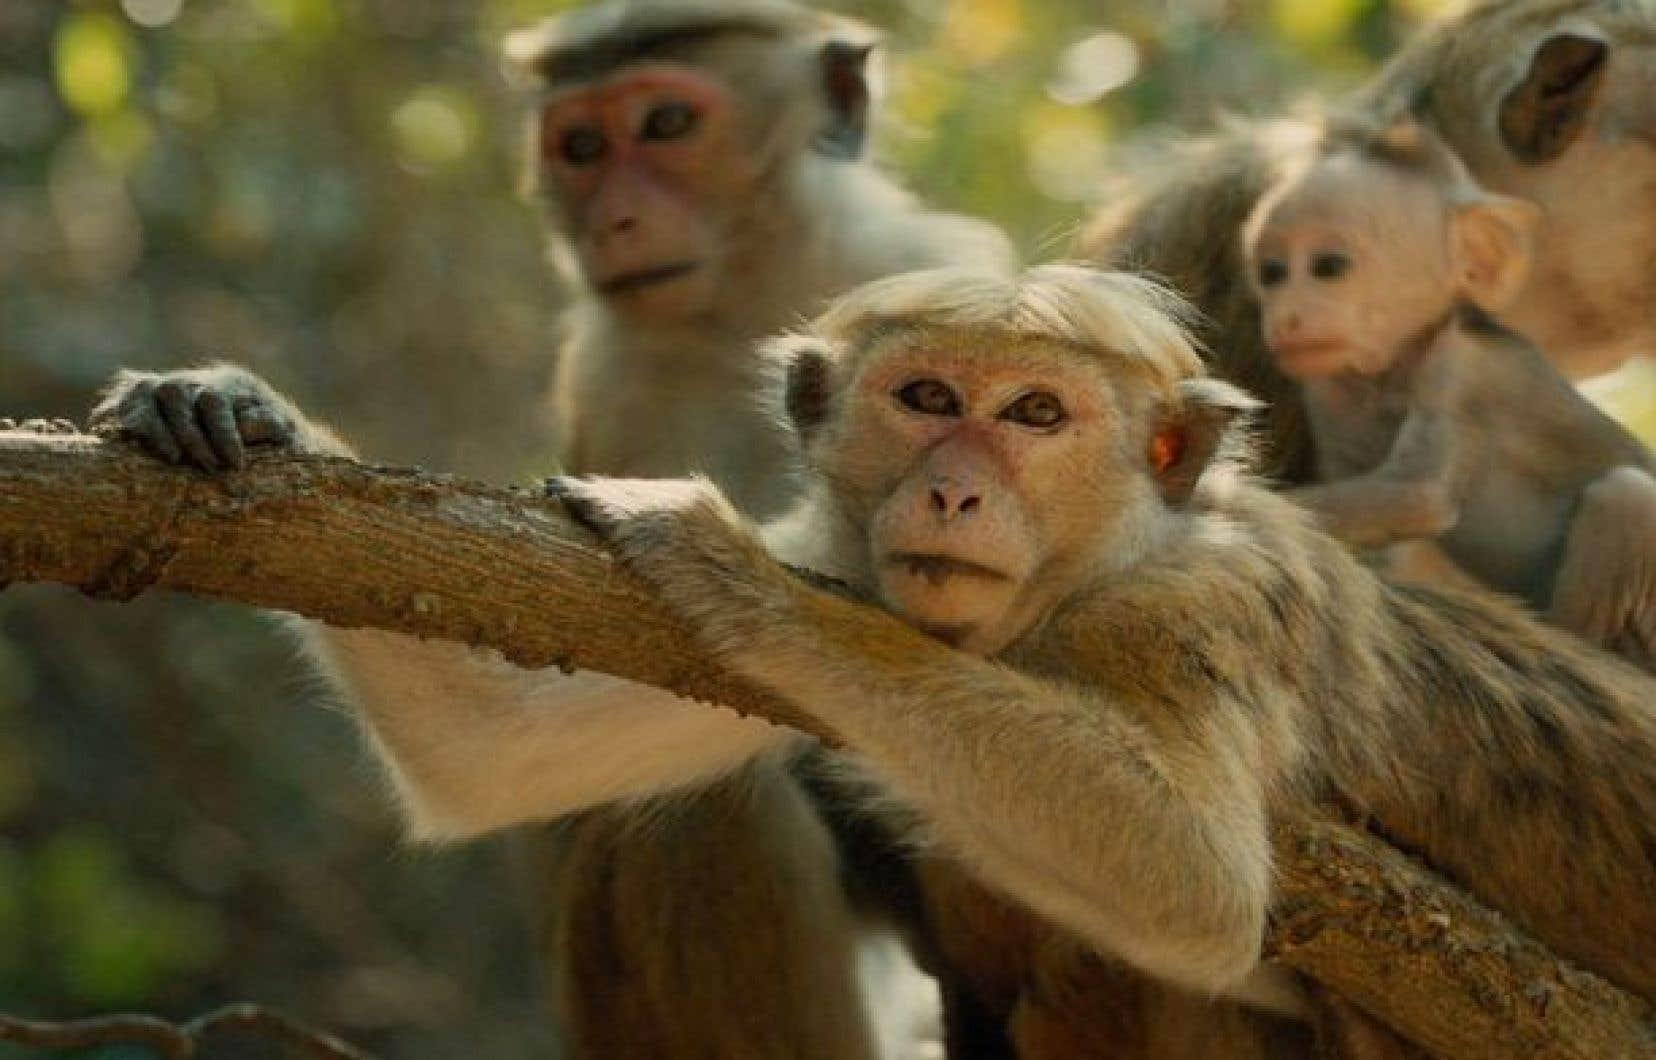 Au fond de la jungle du Sri Lanka, des singes ayant élu domicile au milieu des ruines d'un temple sacré reproduisent à la perfection les inégalités qui perdurent dans le monde capitaliste.